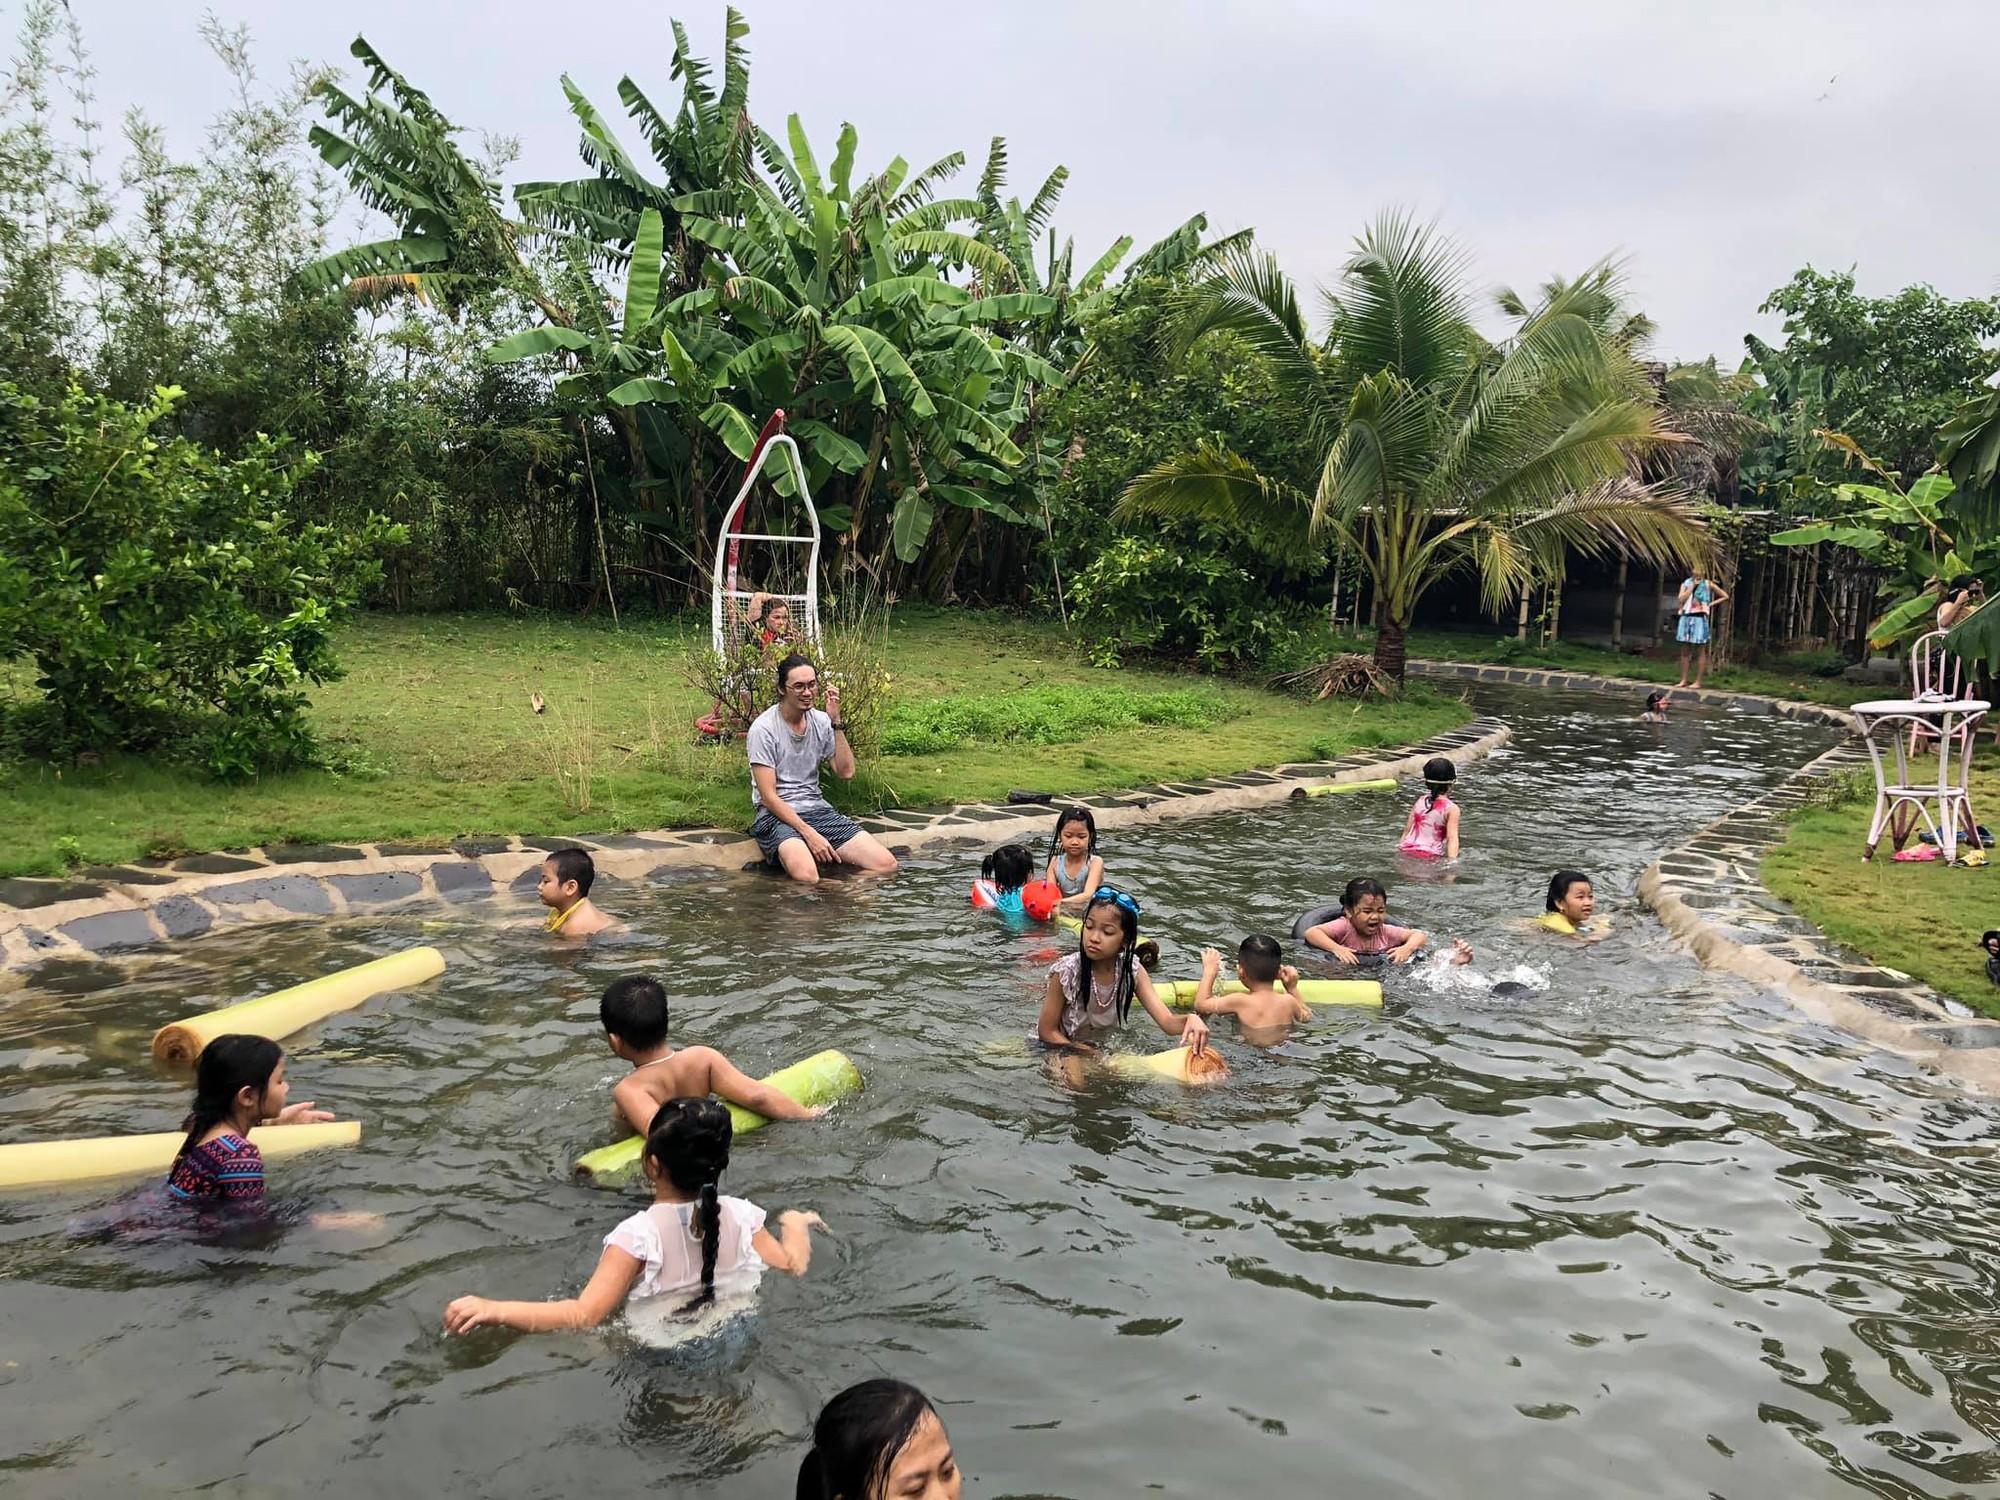 Những tour du lịch sinh thái gần Sài Gòn cho các gia đình có trẻ nhỏ ngày hè - Ảnh 3.